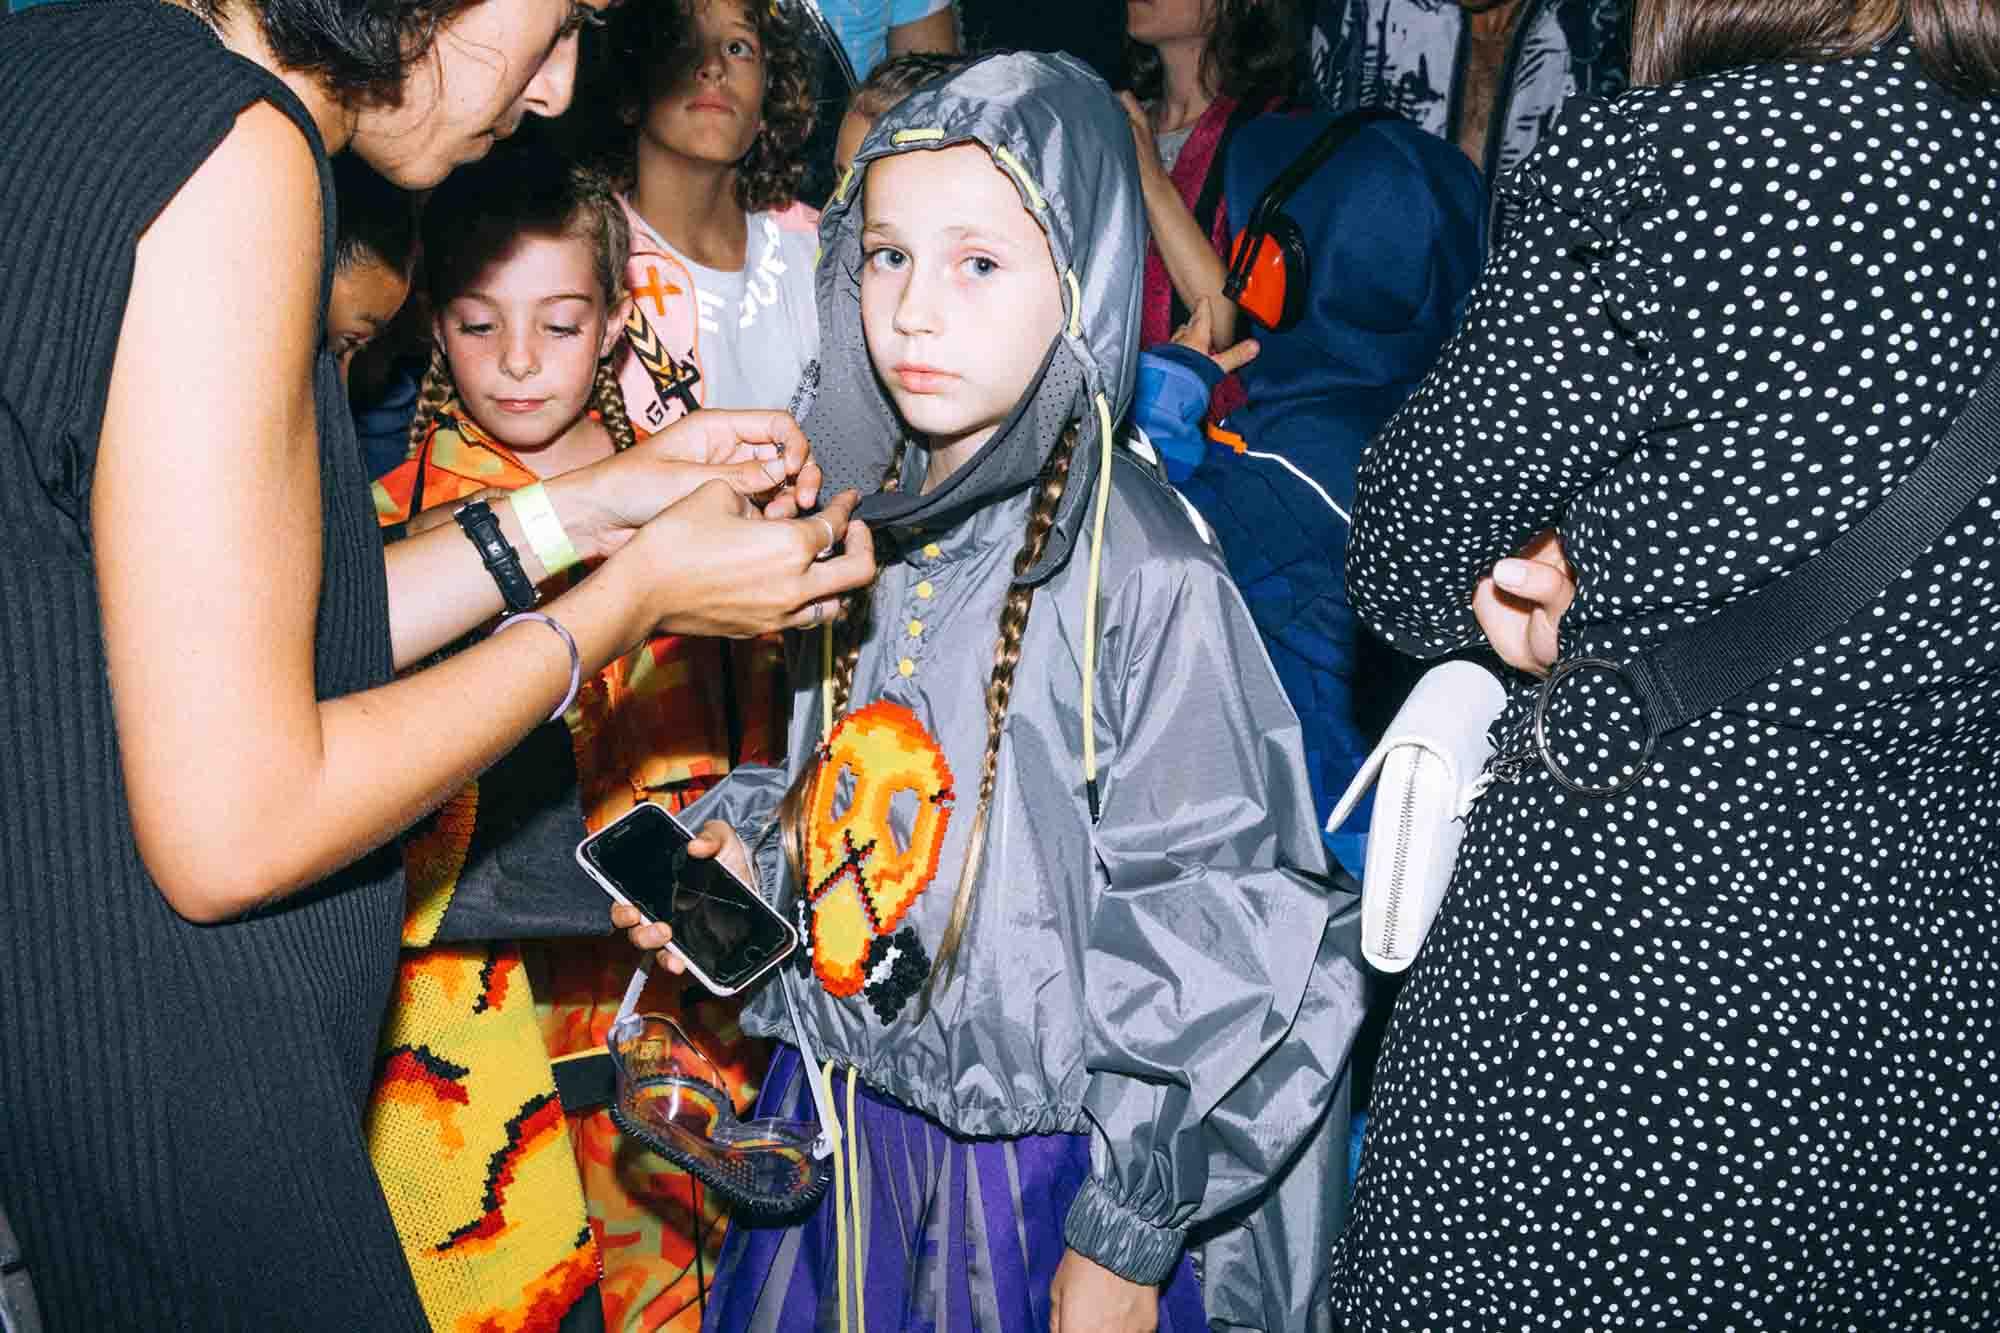 אופנה, חדשות אופנה, דפנה גולוב, כתבות אפנה, שנקר 2019, צילום עדי סגל, Backstage_at_Shenkar_fashion_show_2019._Photo_Adi_Segal_-_Dafna_Golub_Collection_(5)